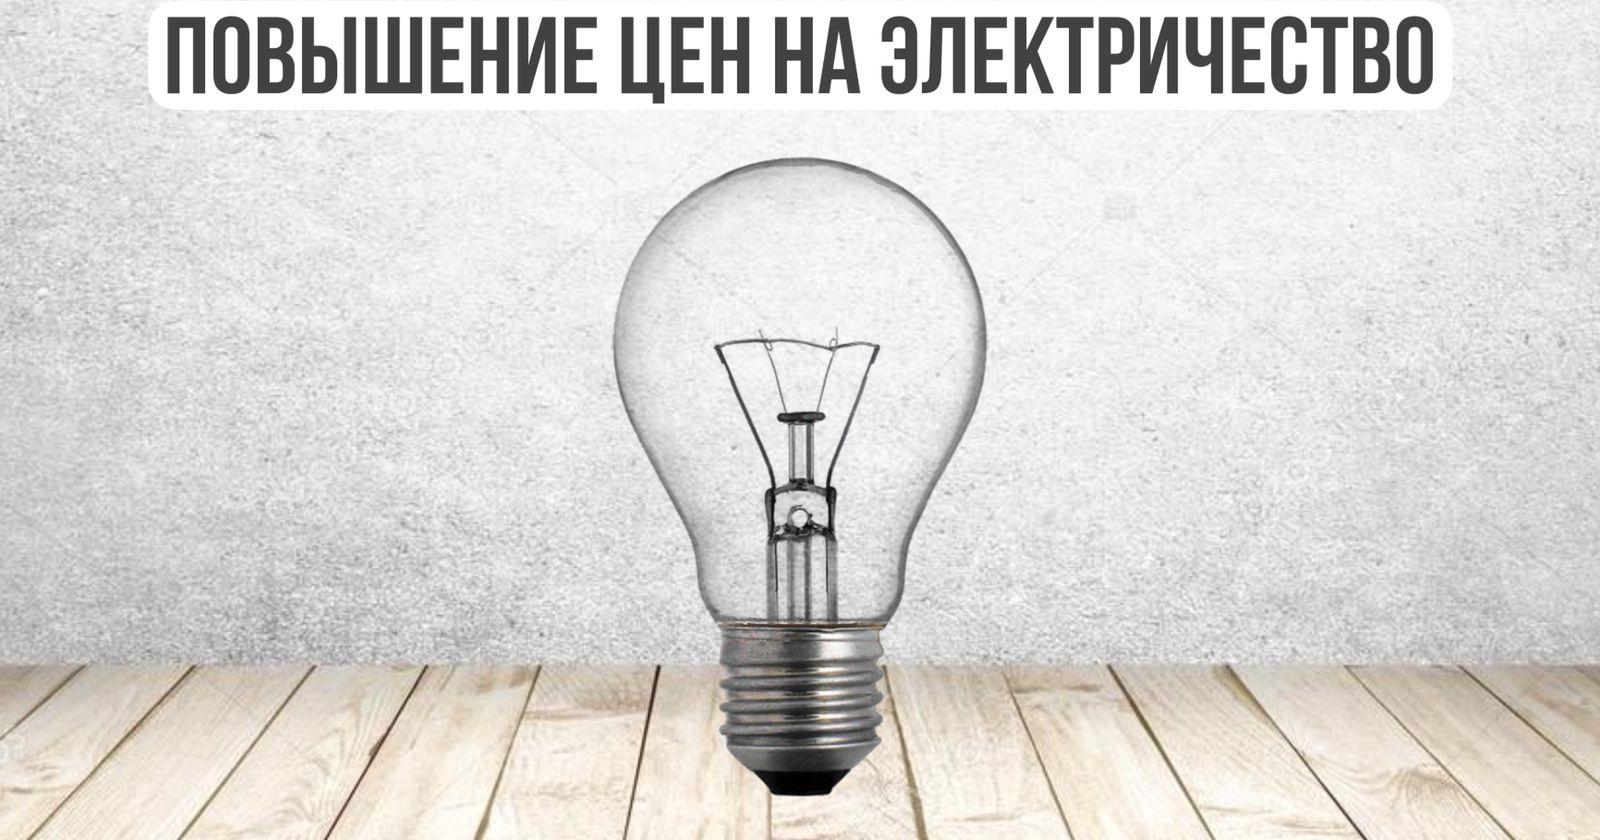 Повышение тарифов на электроэнергию и важные советы